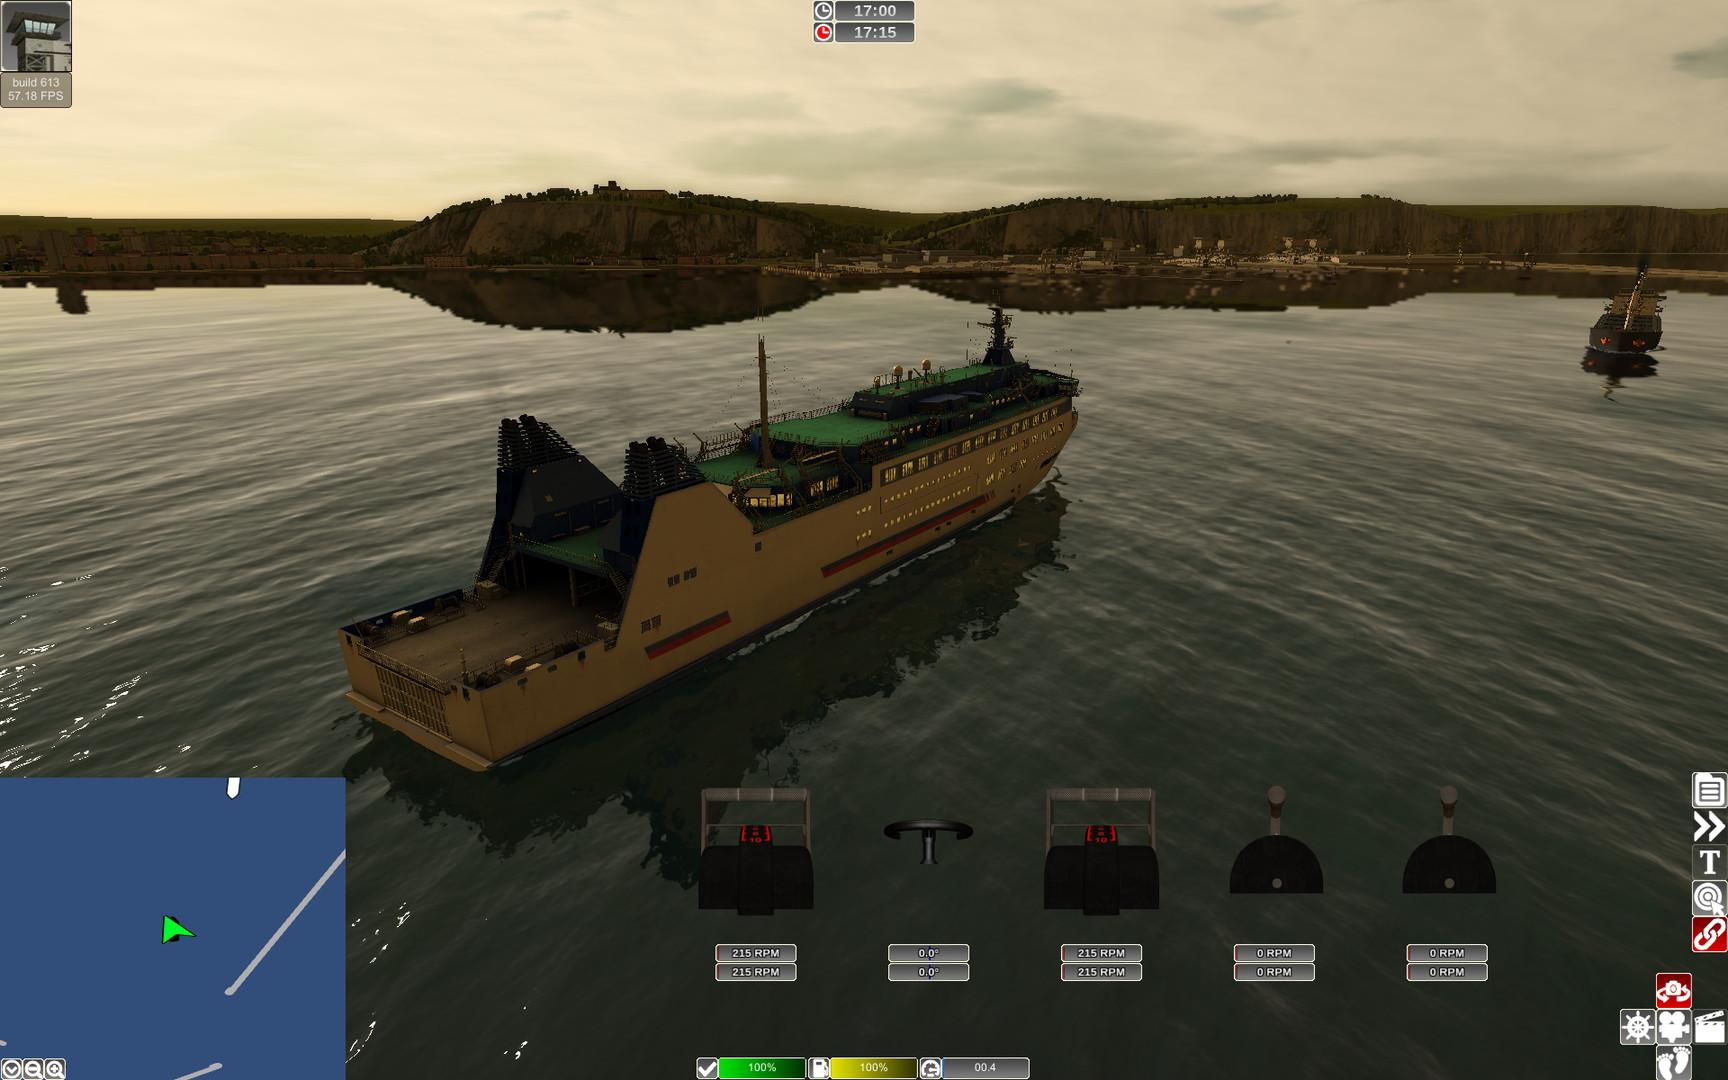 تحميل لعبة قيادة السفن الشبيهة بالواقع European Ship Simulator-FLT ss_a2a94aa71074f4415